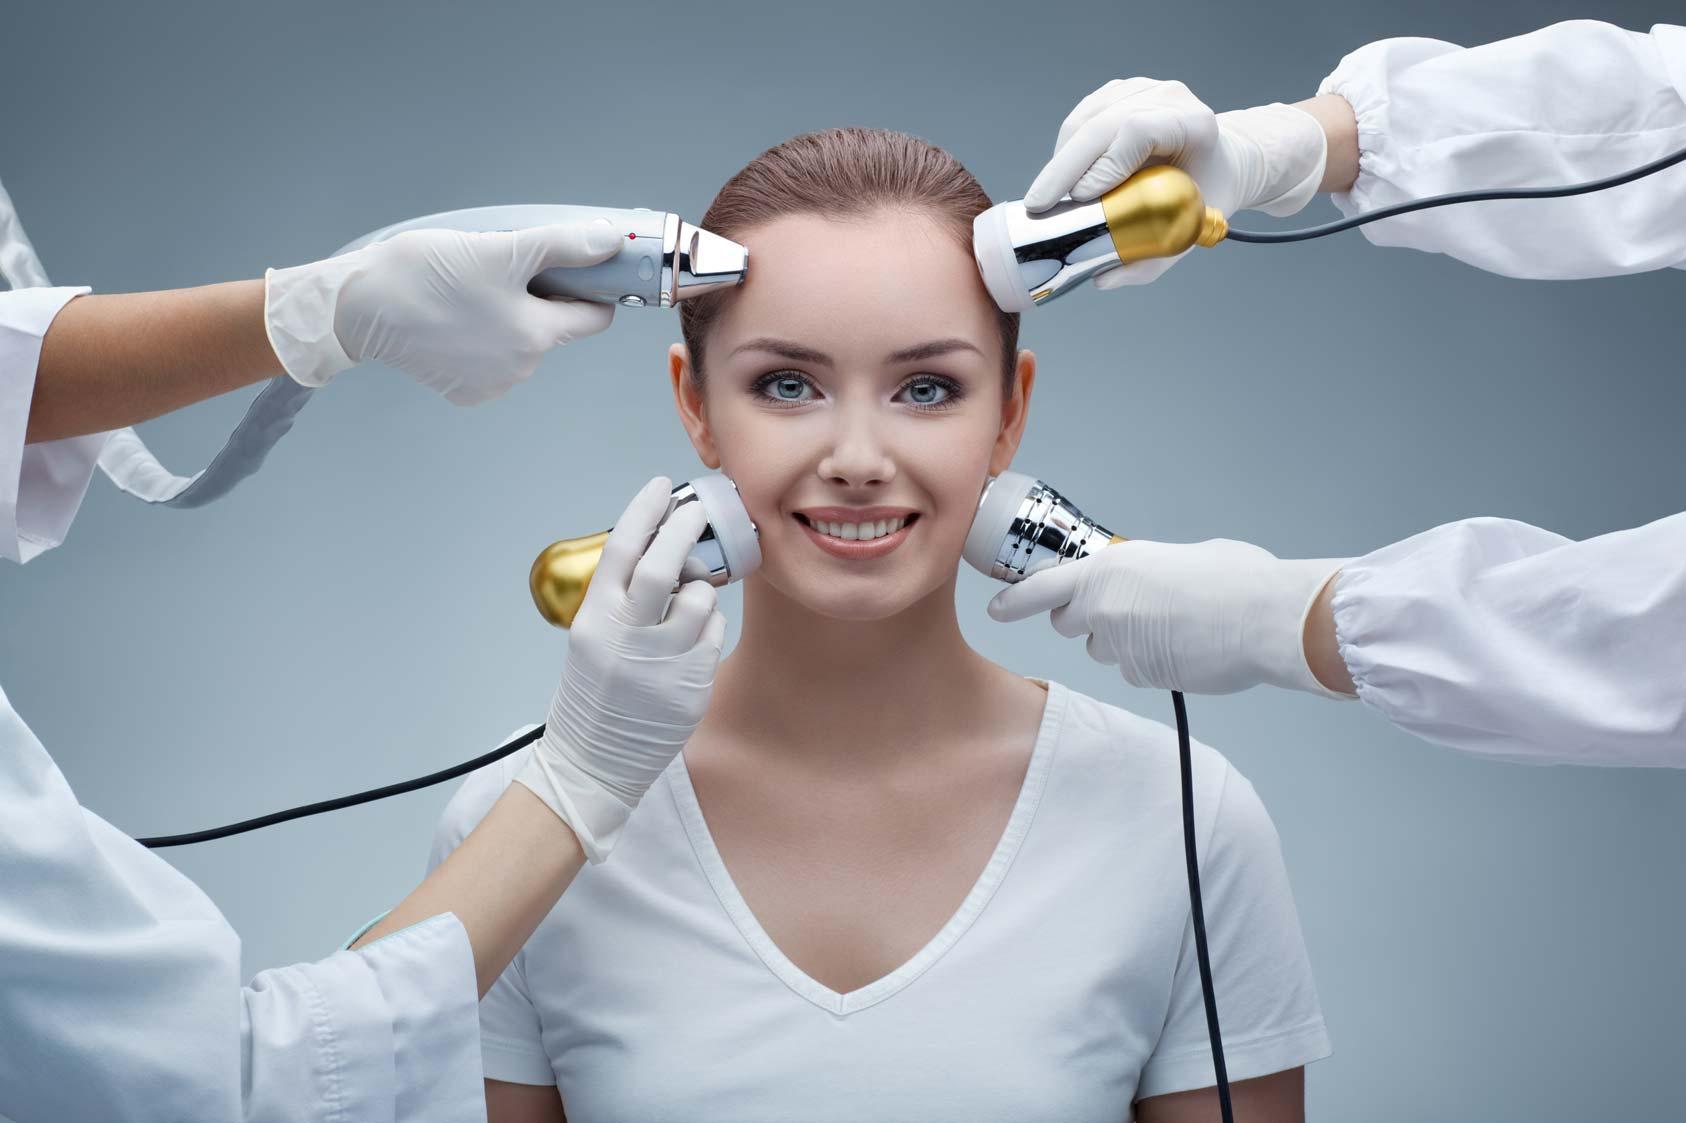 Все, что нужно знать об аппаратной косметологи